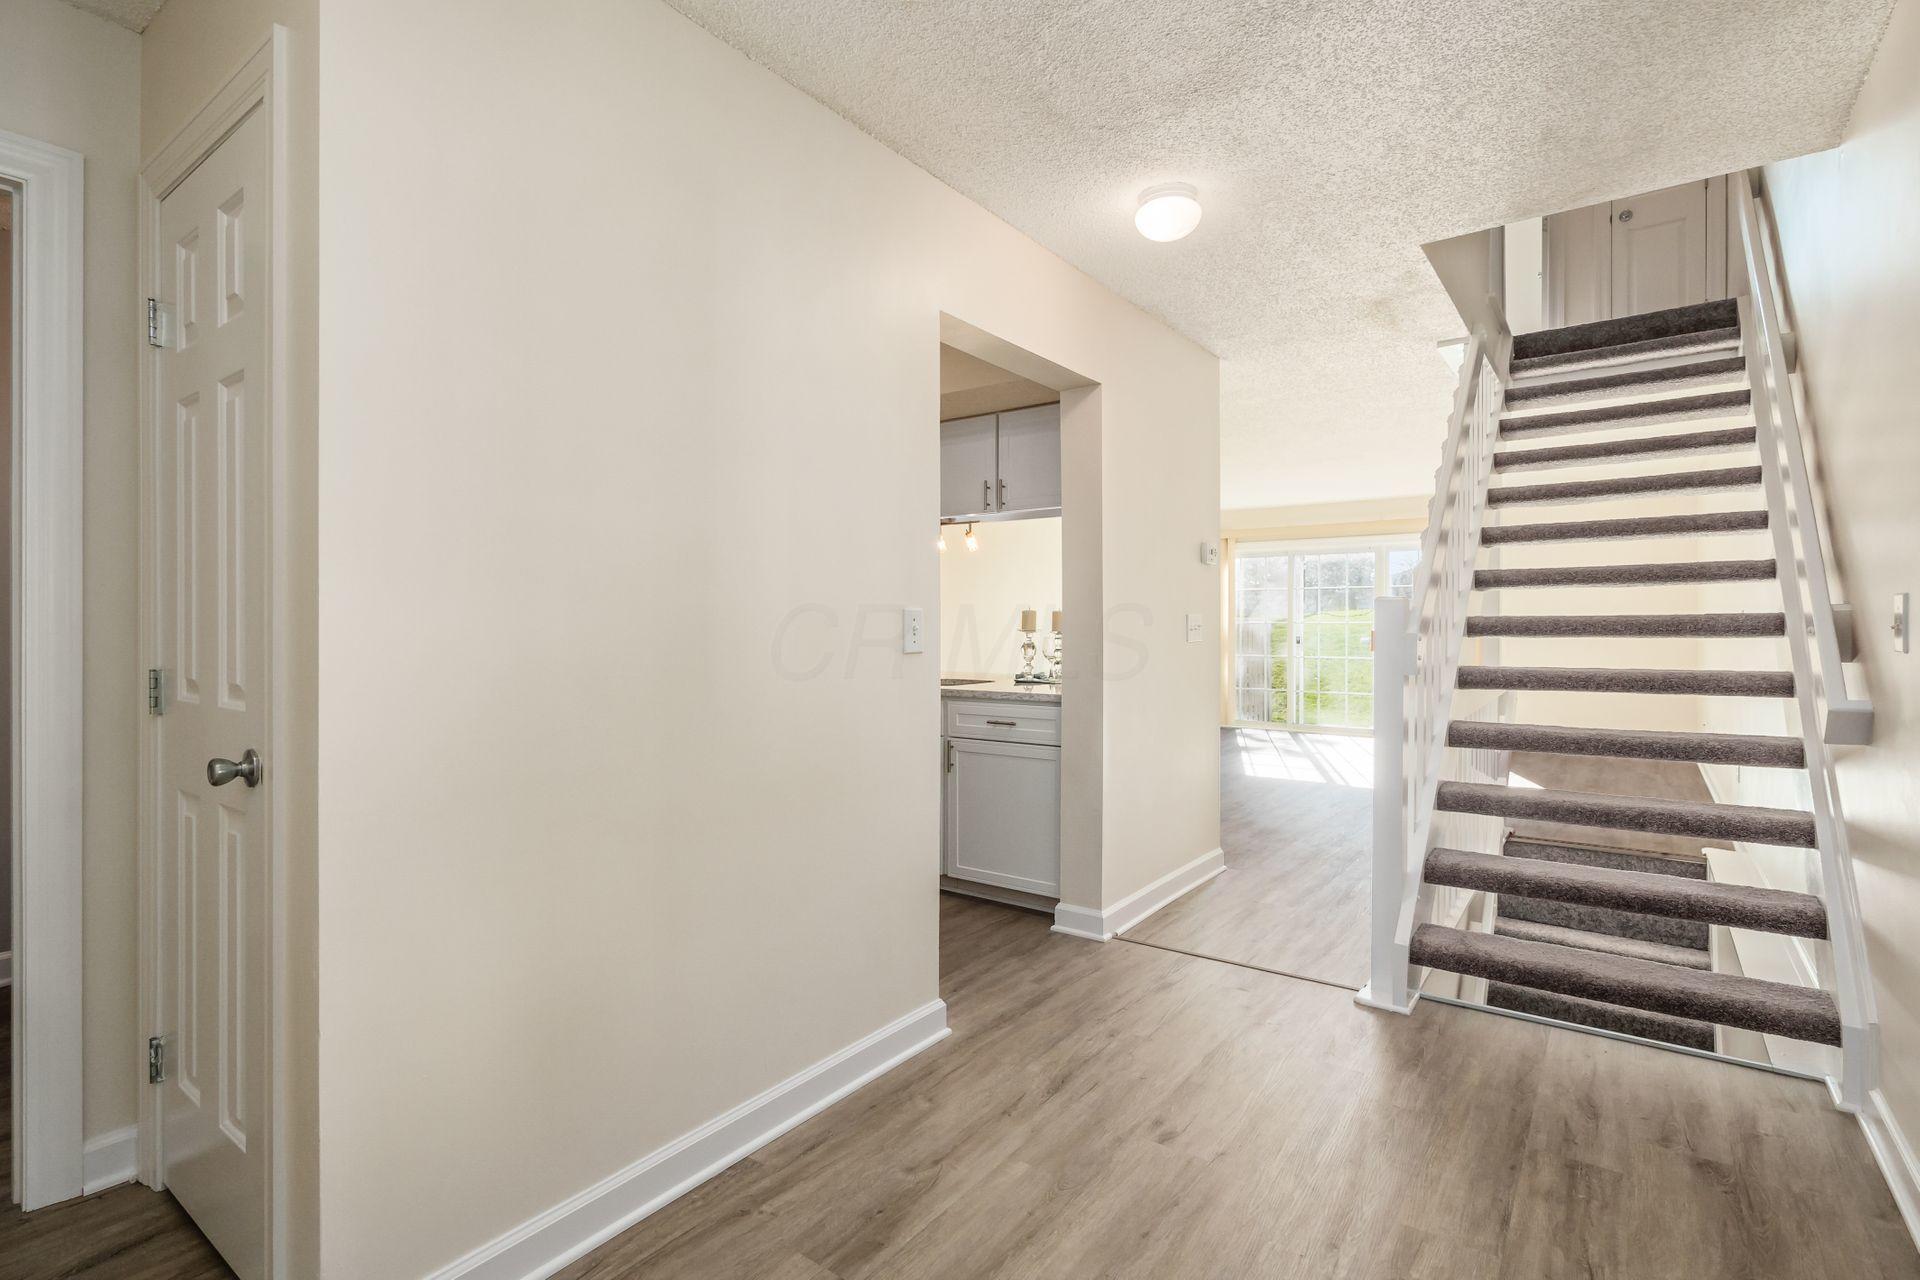 2517 Dahlia Way, Columbus, Ohio 43235, 2 Bedrooms Bedrooms, ,3 BathroomsBathrooms,Residential,For Sale,Dahlia,220040557